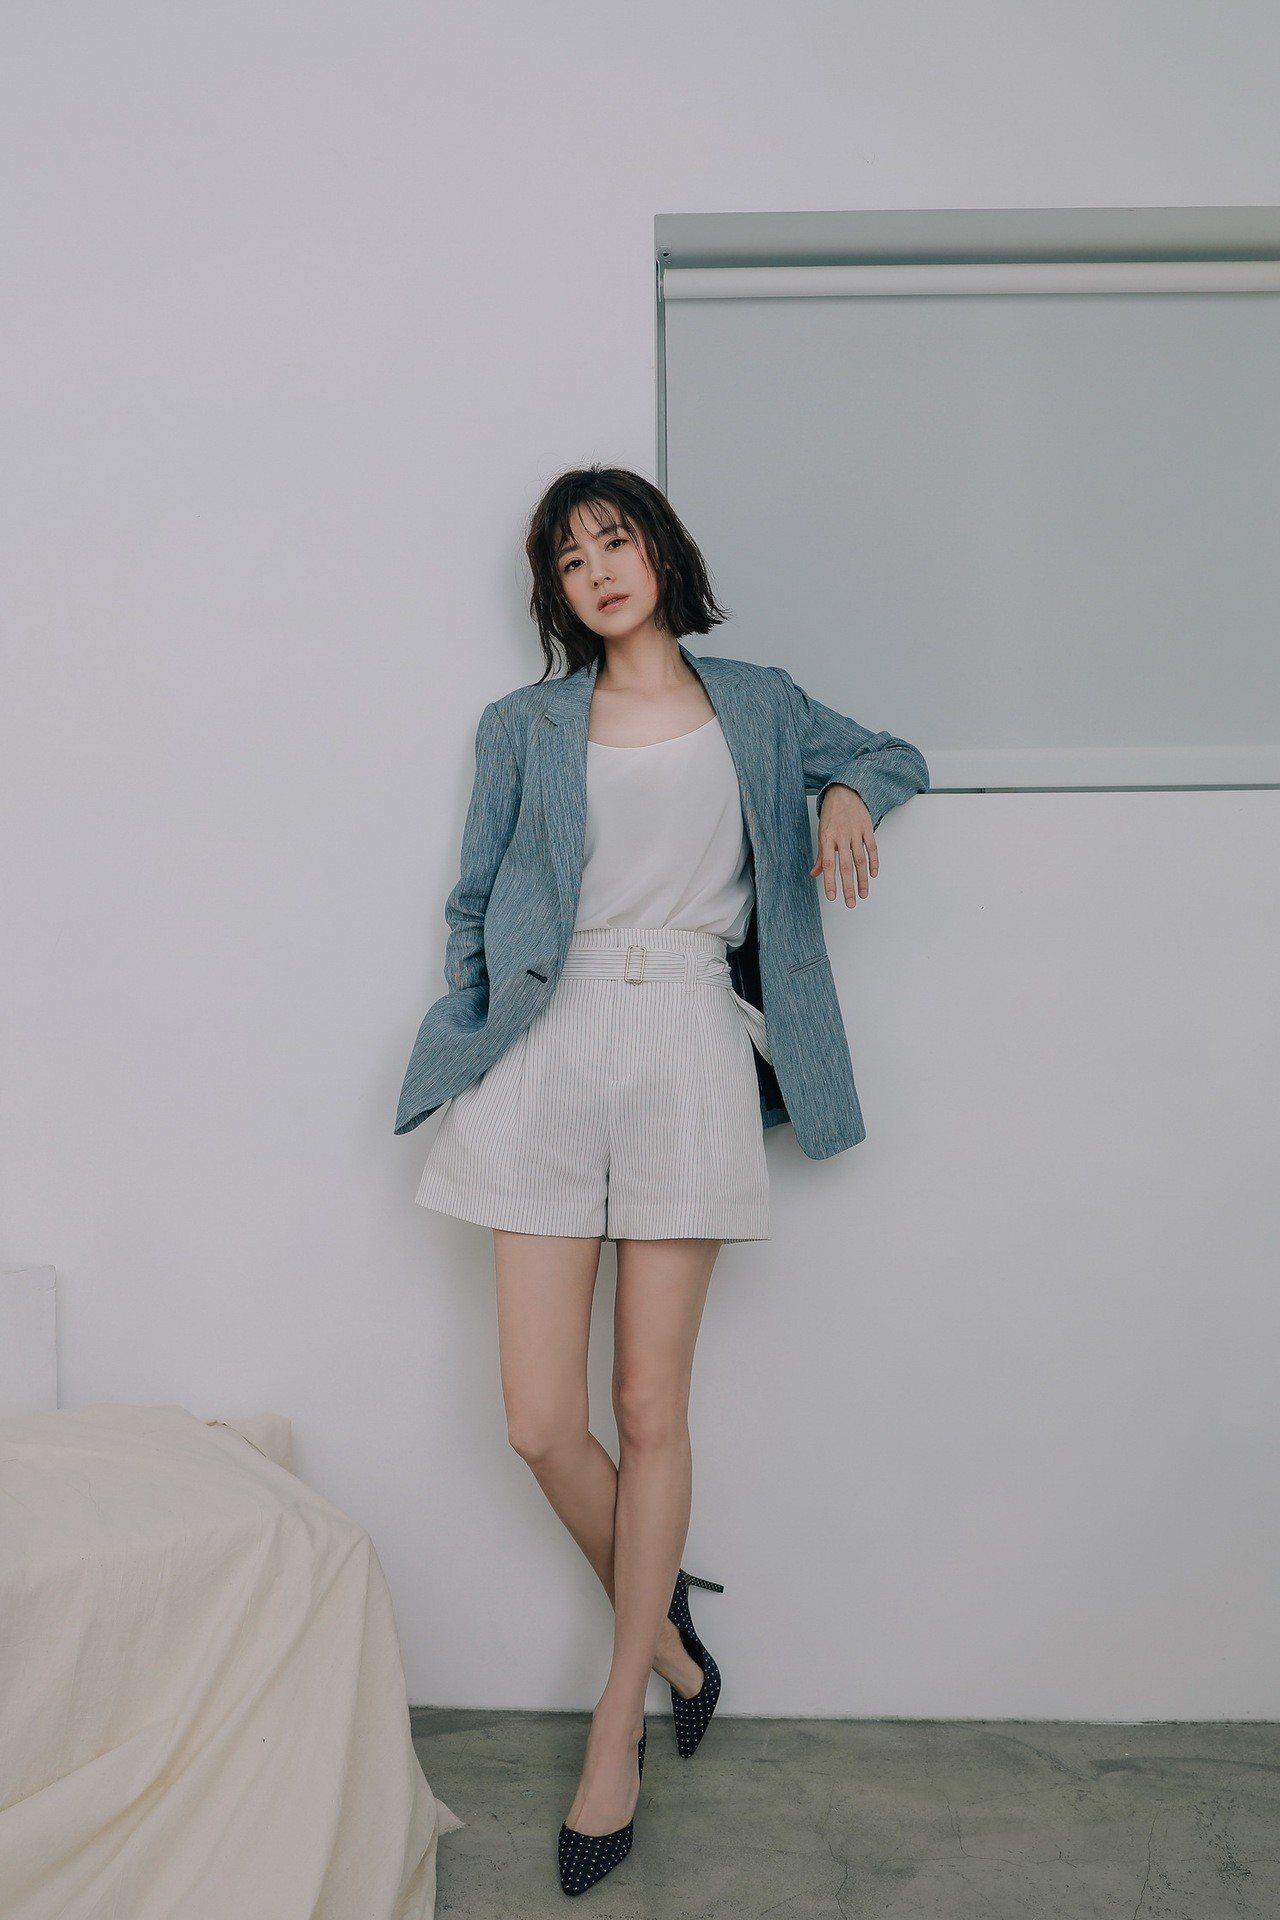 林予晞以淺灰藍色的刷紋西裝外套搭配高腰短褲、白上衣,簡簡單單的3大單品組合最適合...